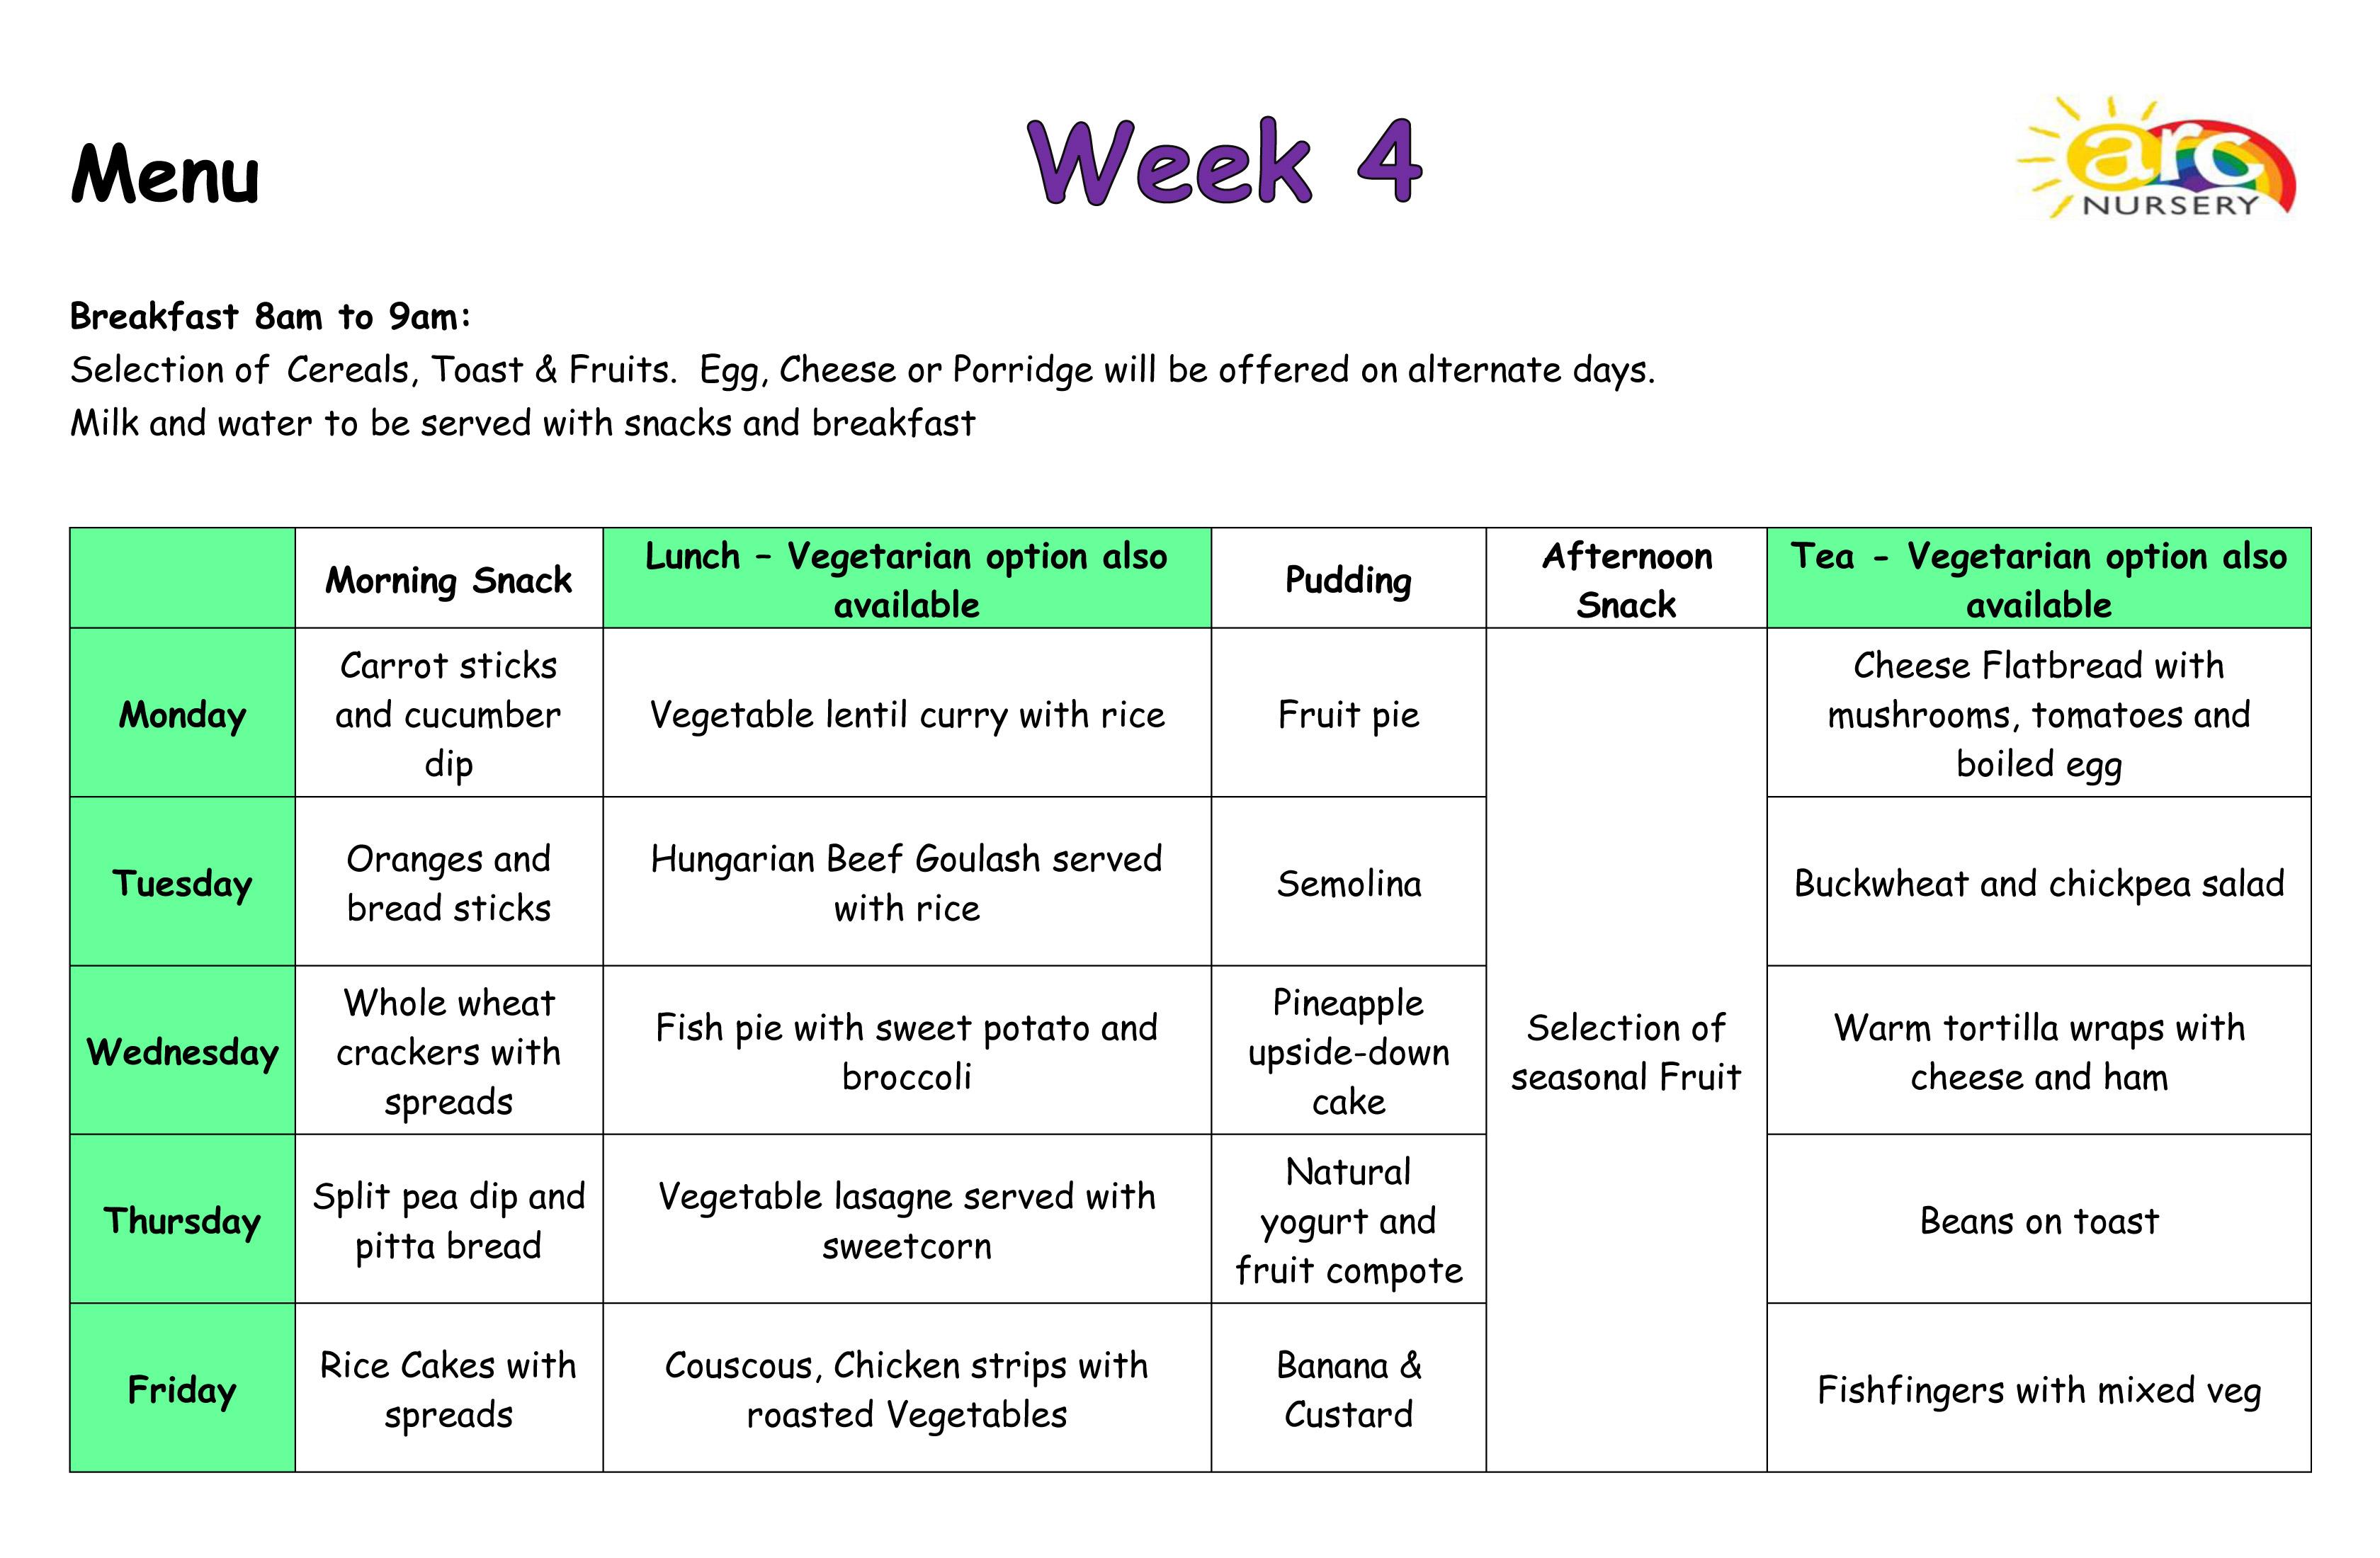 Arc Nursery Menus - Week 4